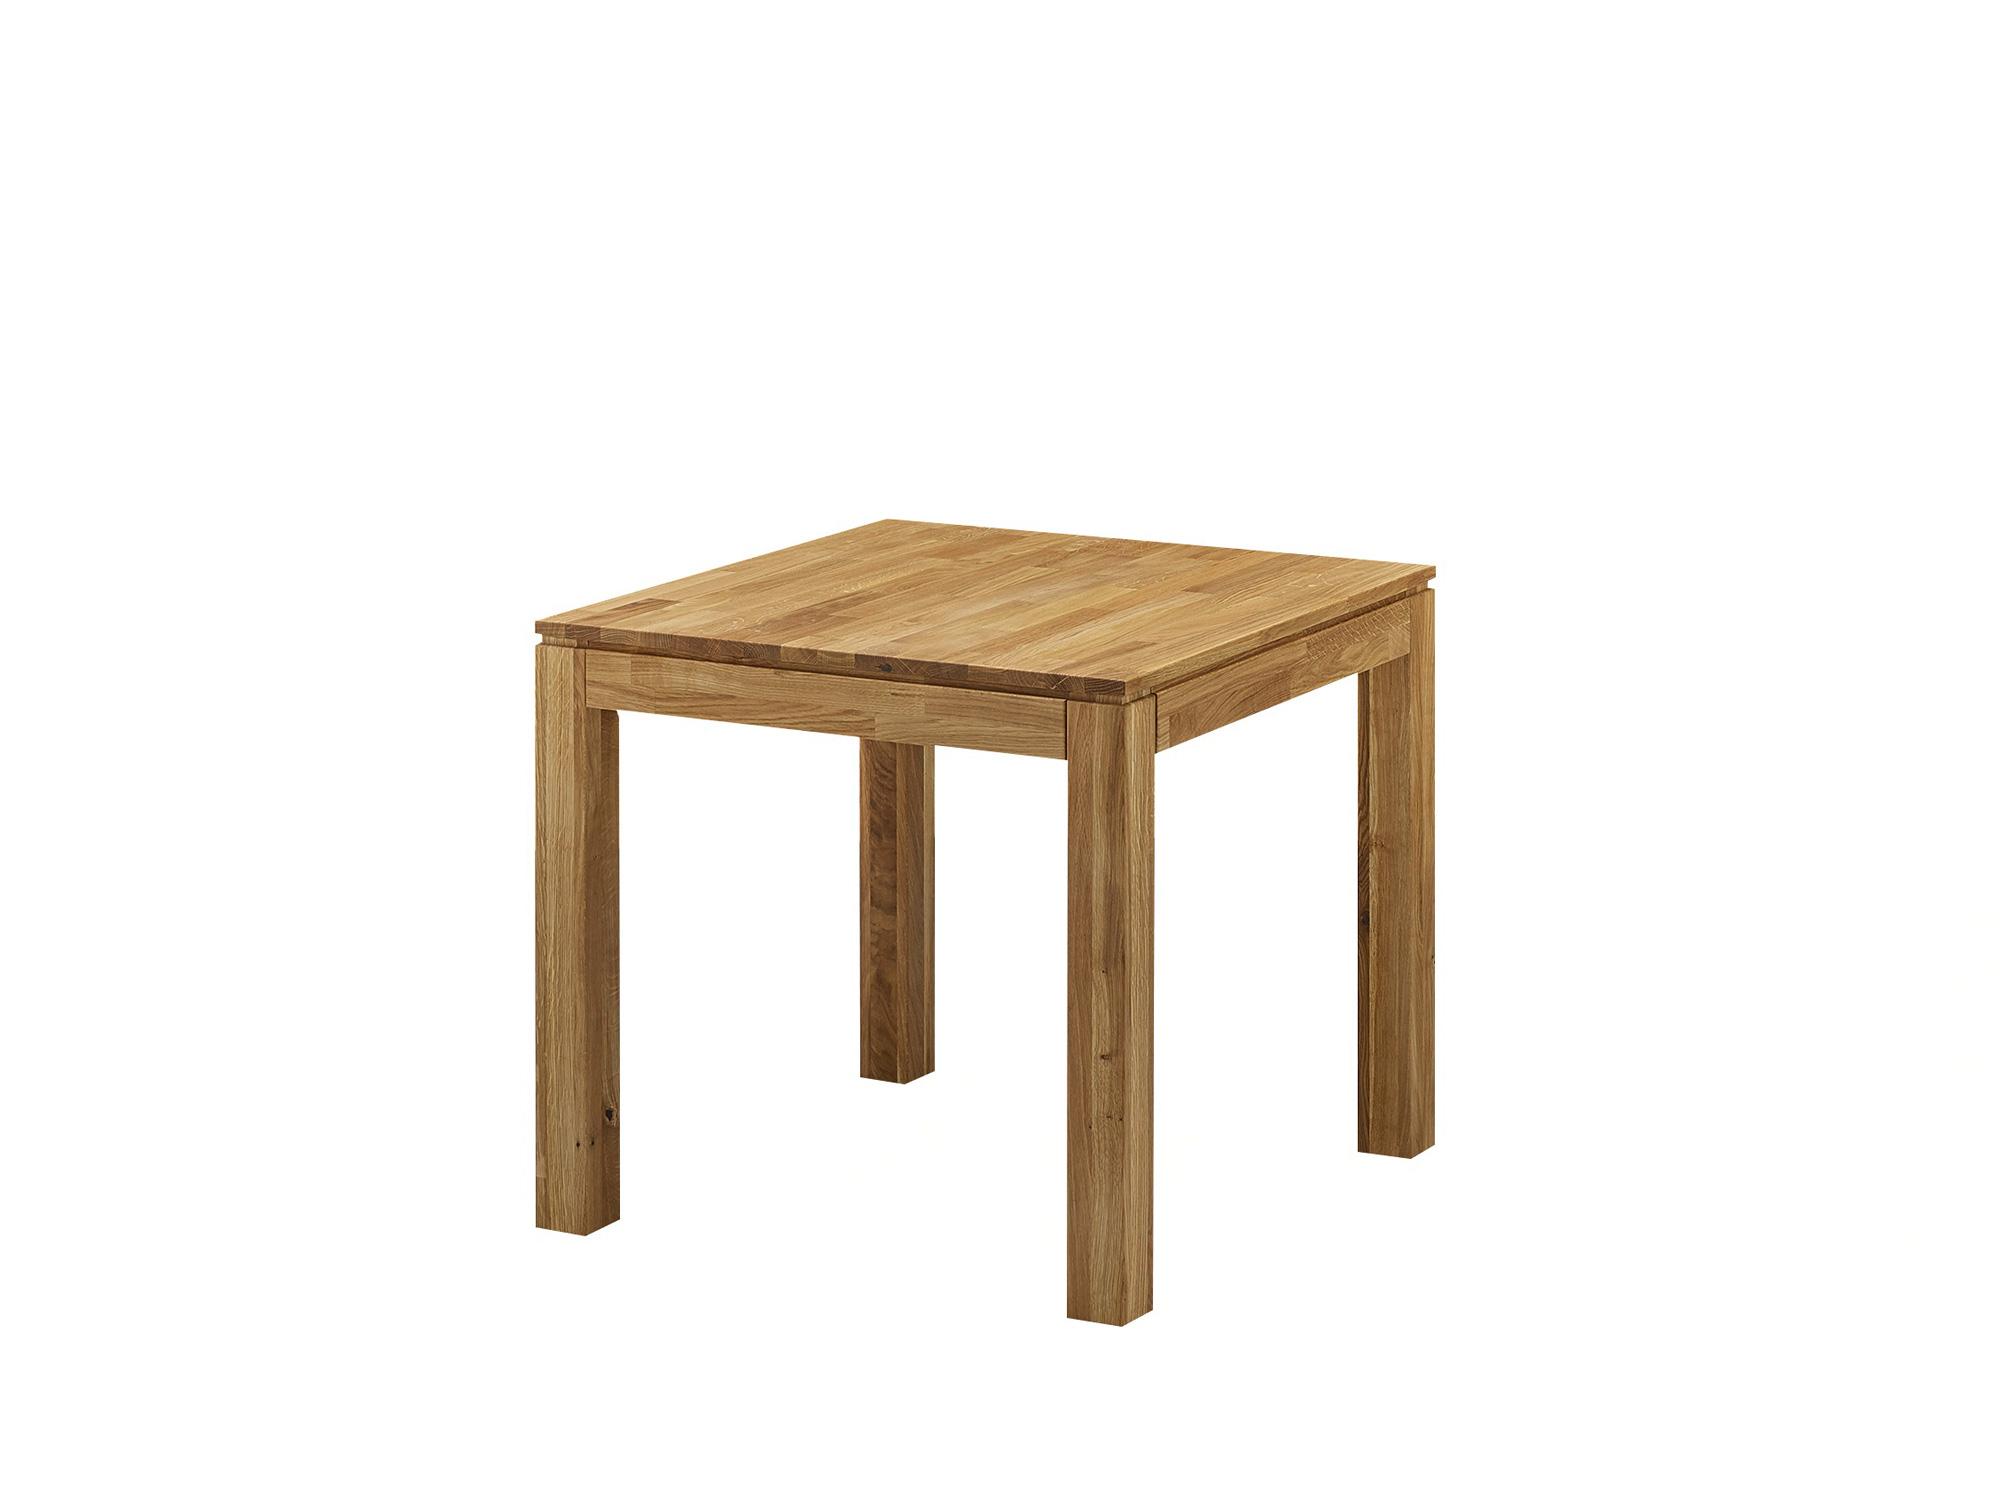 lissabon esstisch massivholz kernbuche oder wildeiche. Black Bedroom Furniture Sets. Home Design Ideas